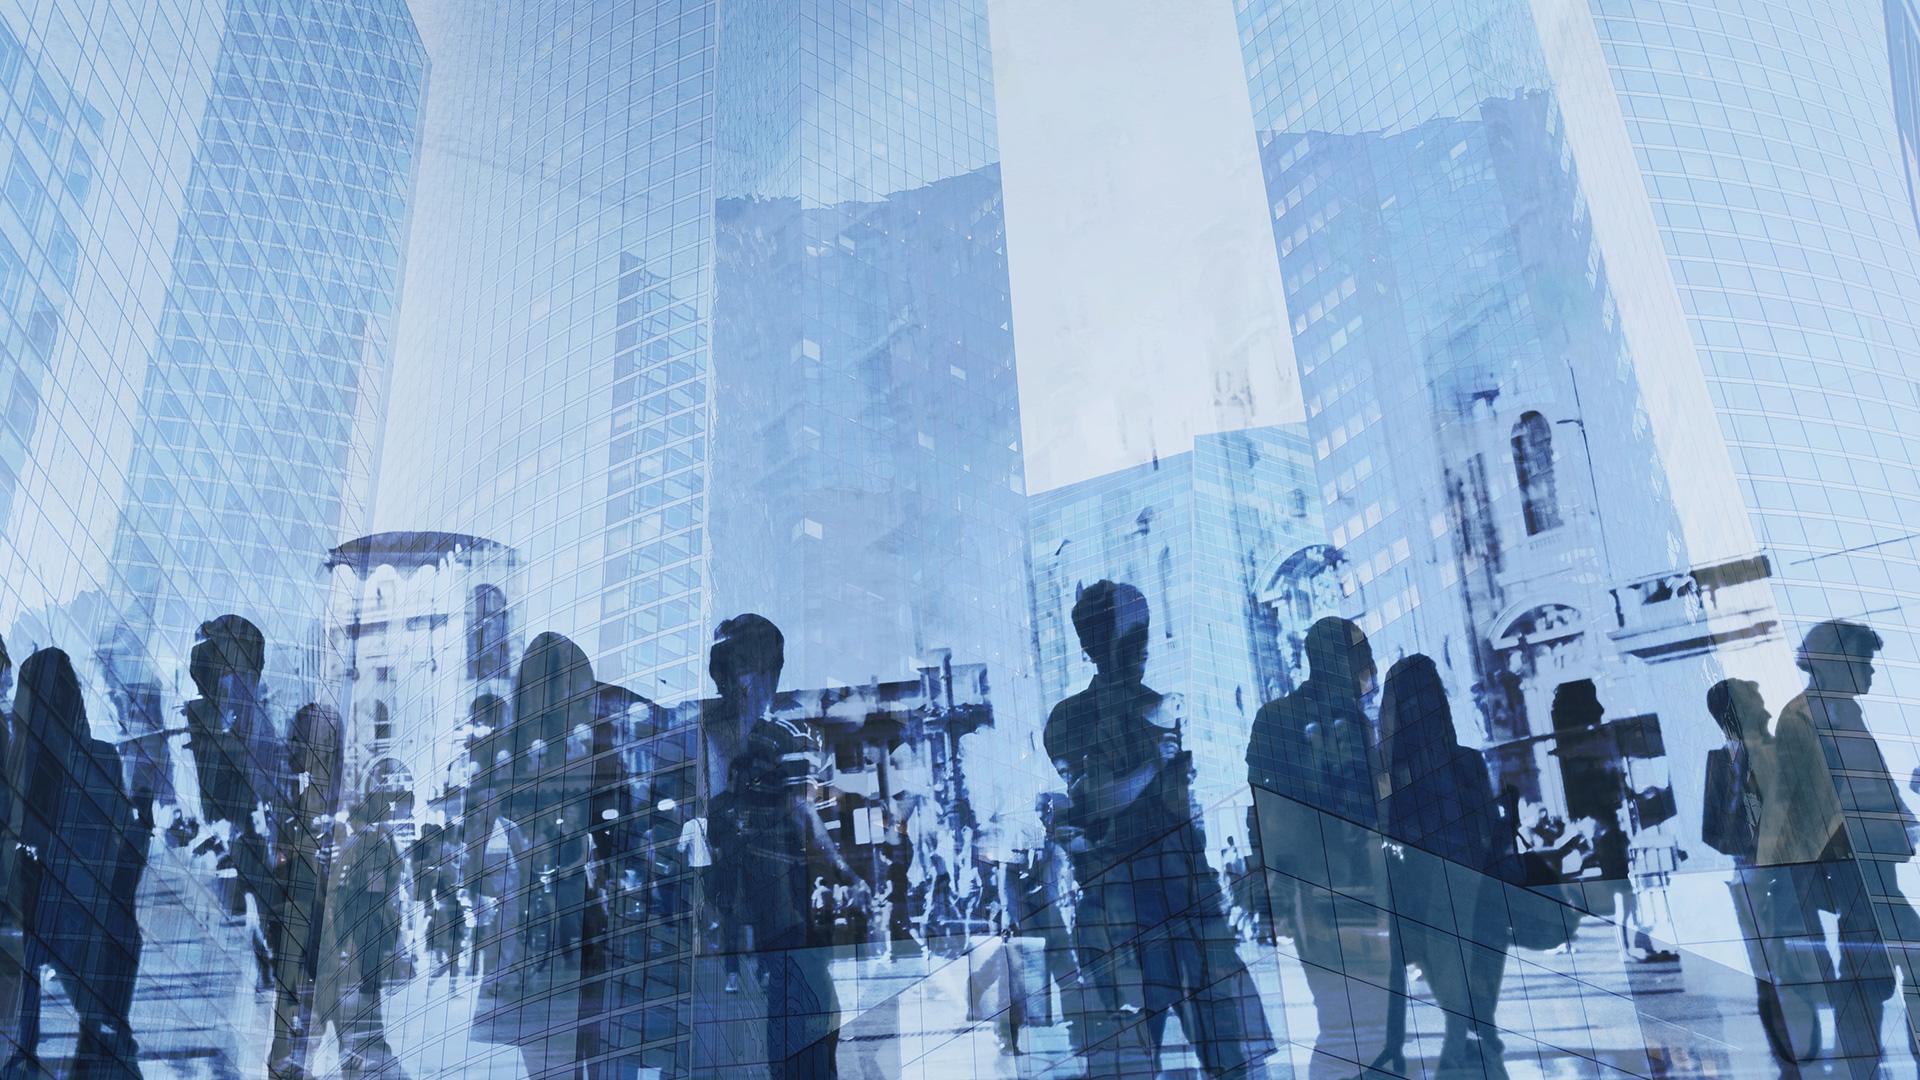 dark shadows people in front of blue buildings